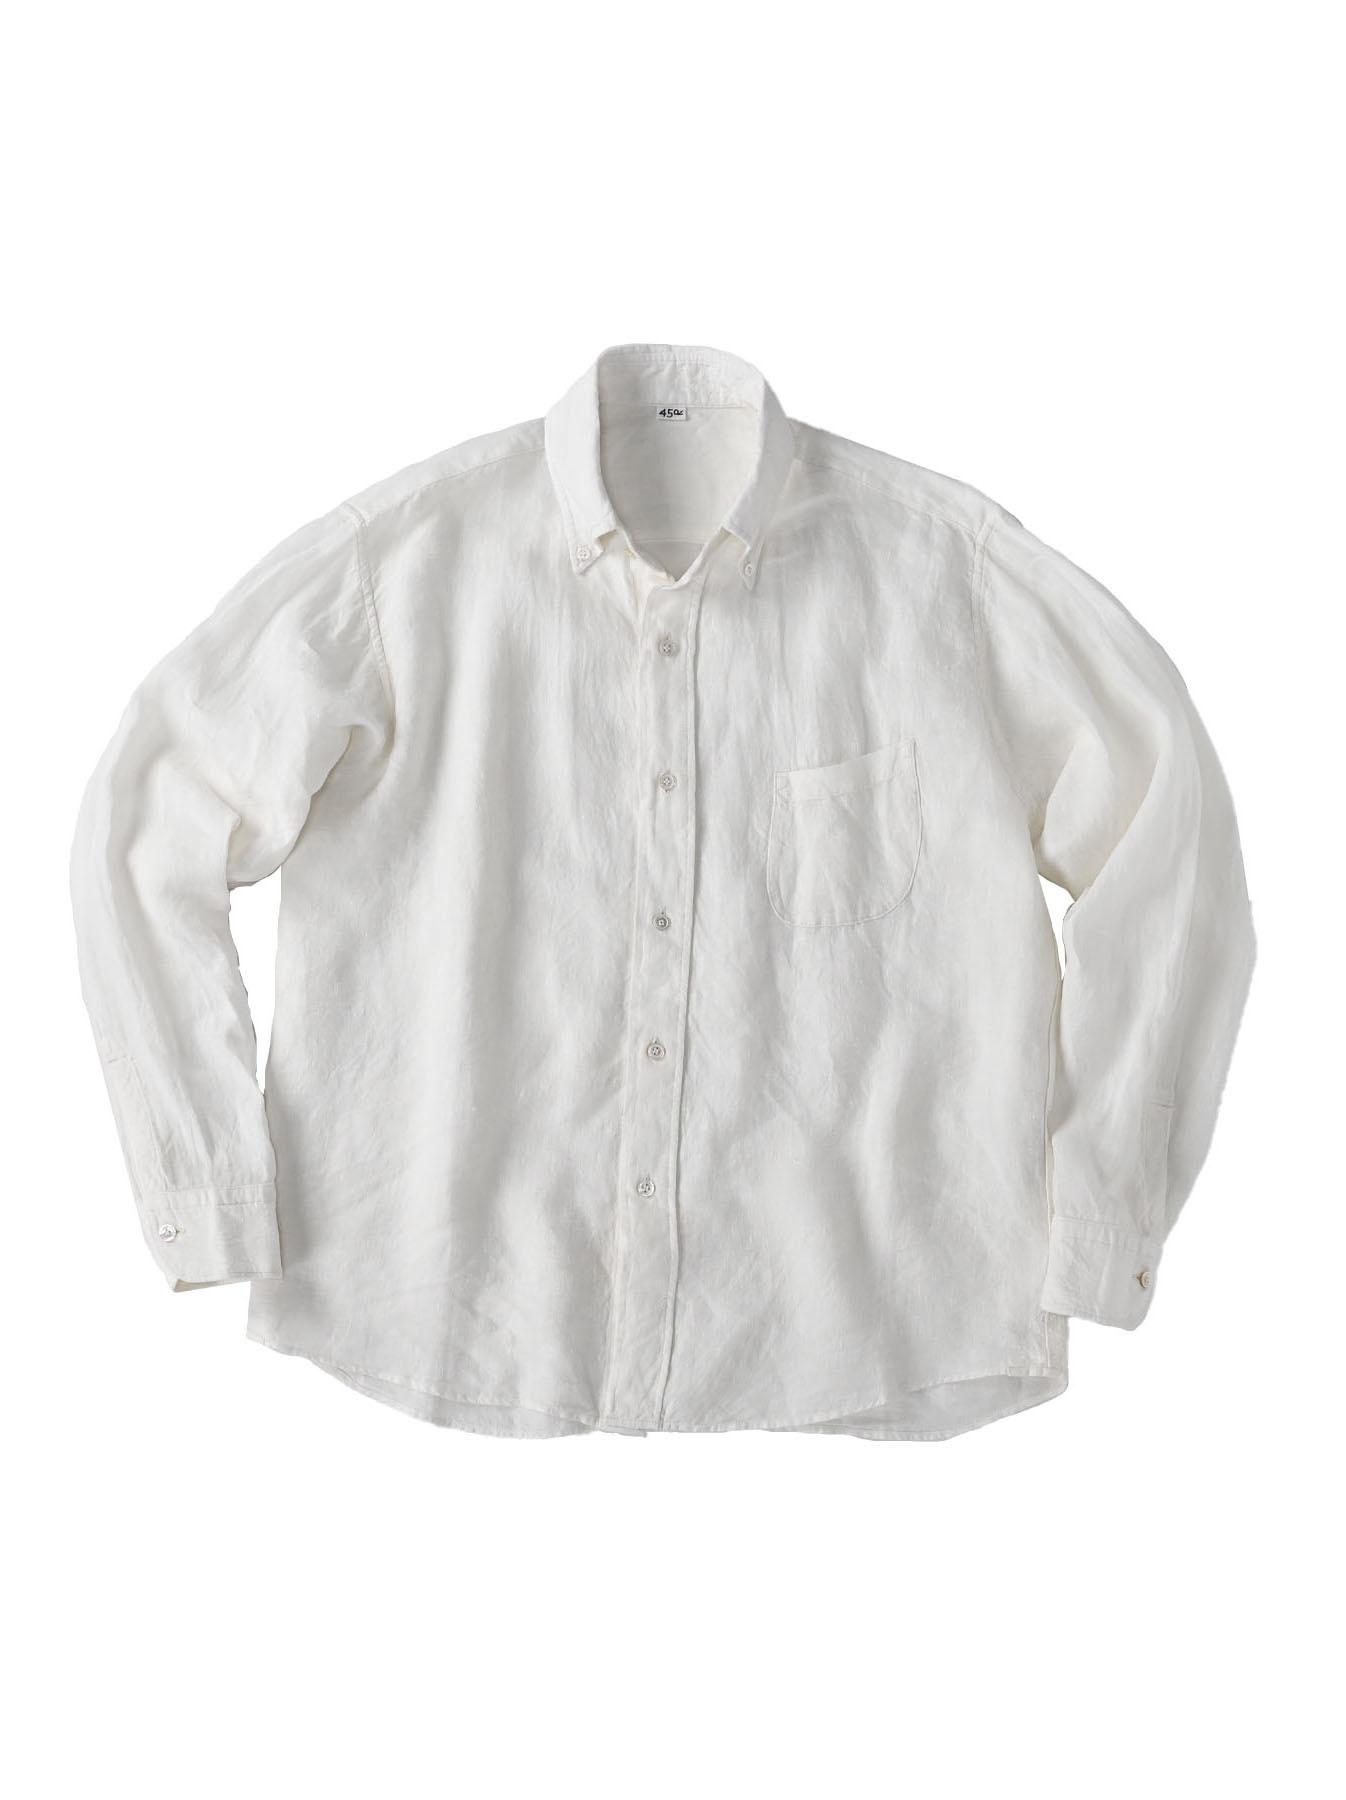 Indian Linen Flat 908 Ocean Shirt (0521)-1